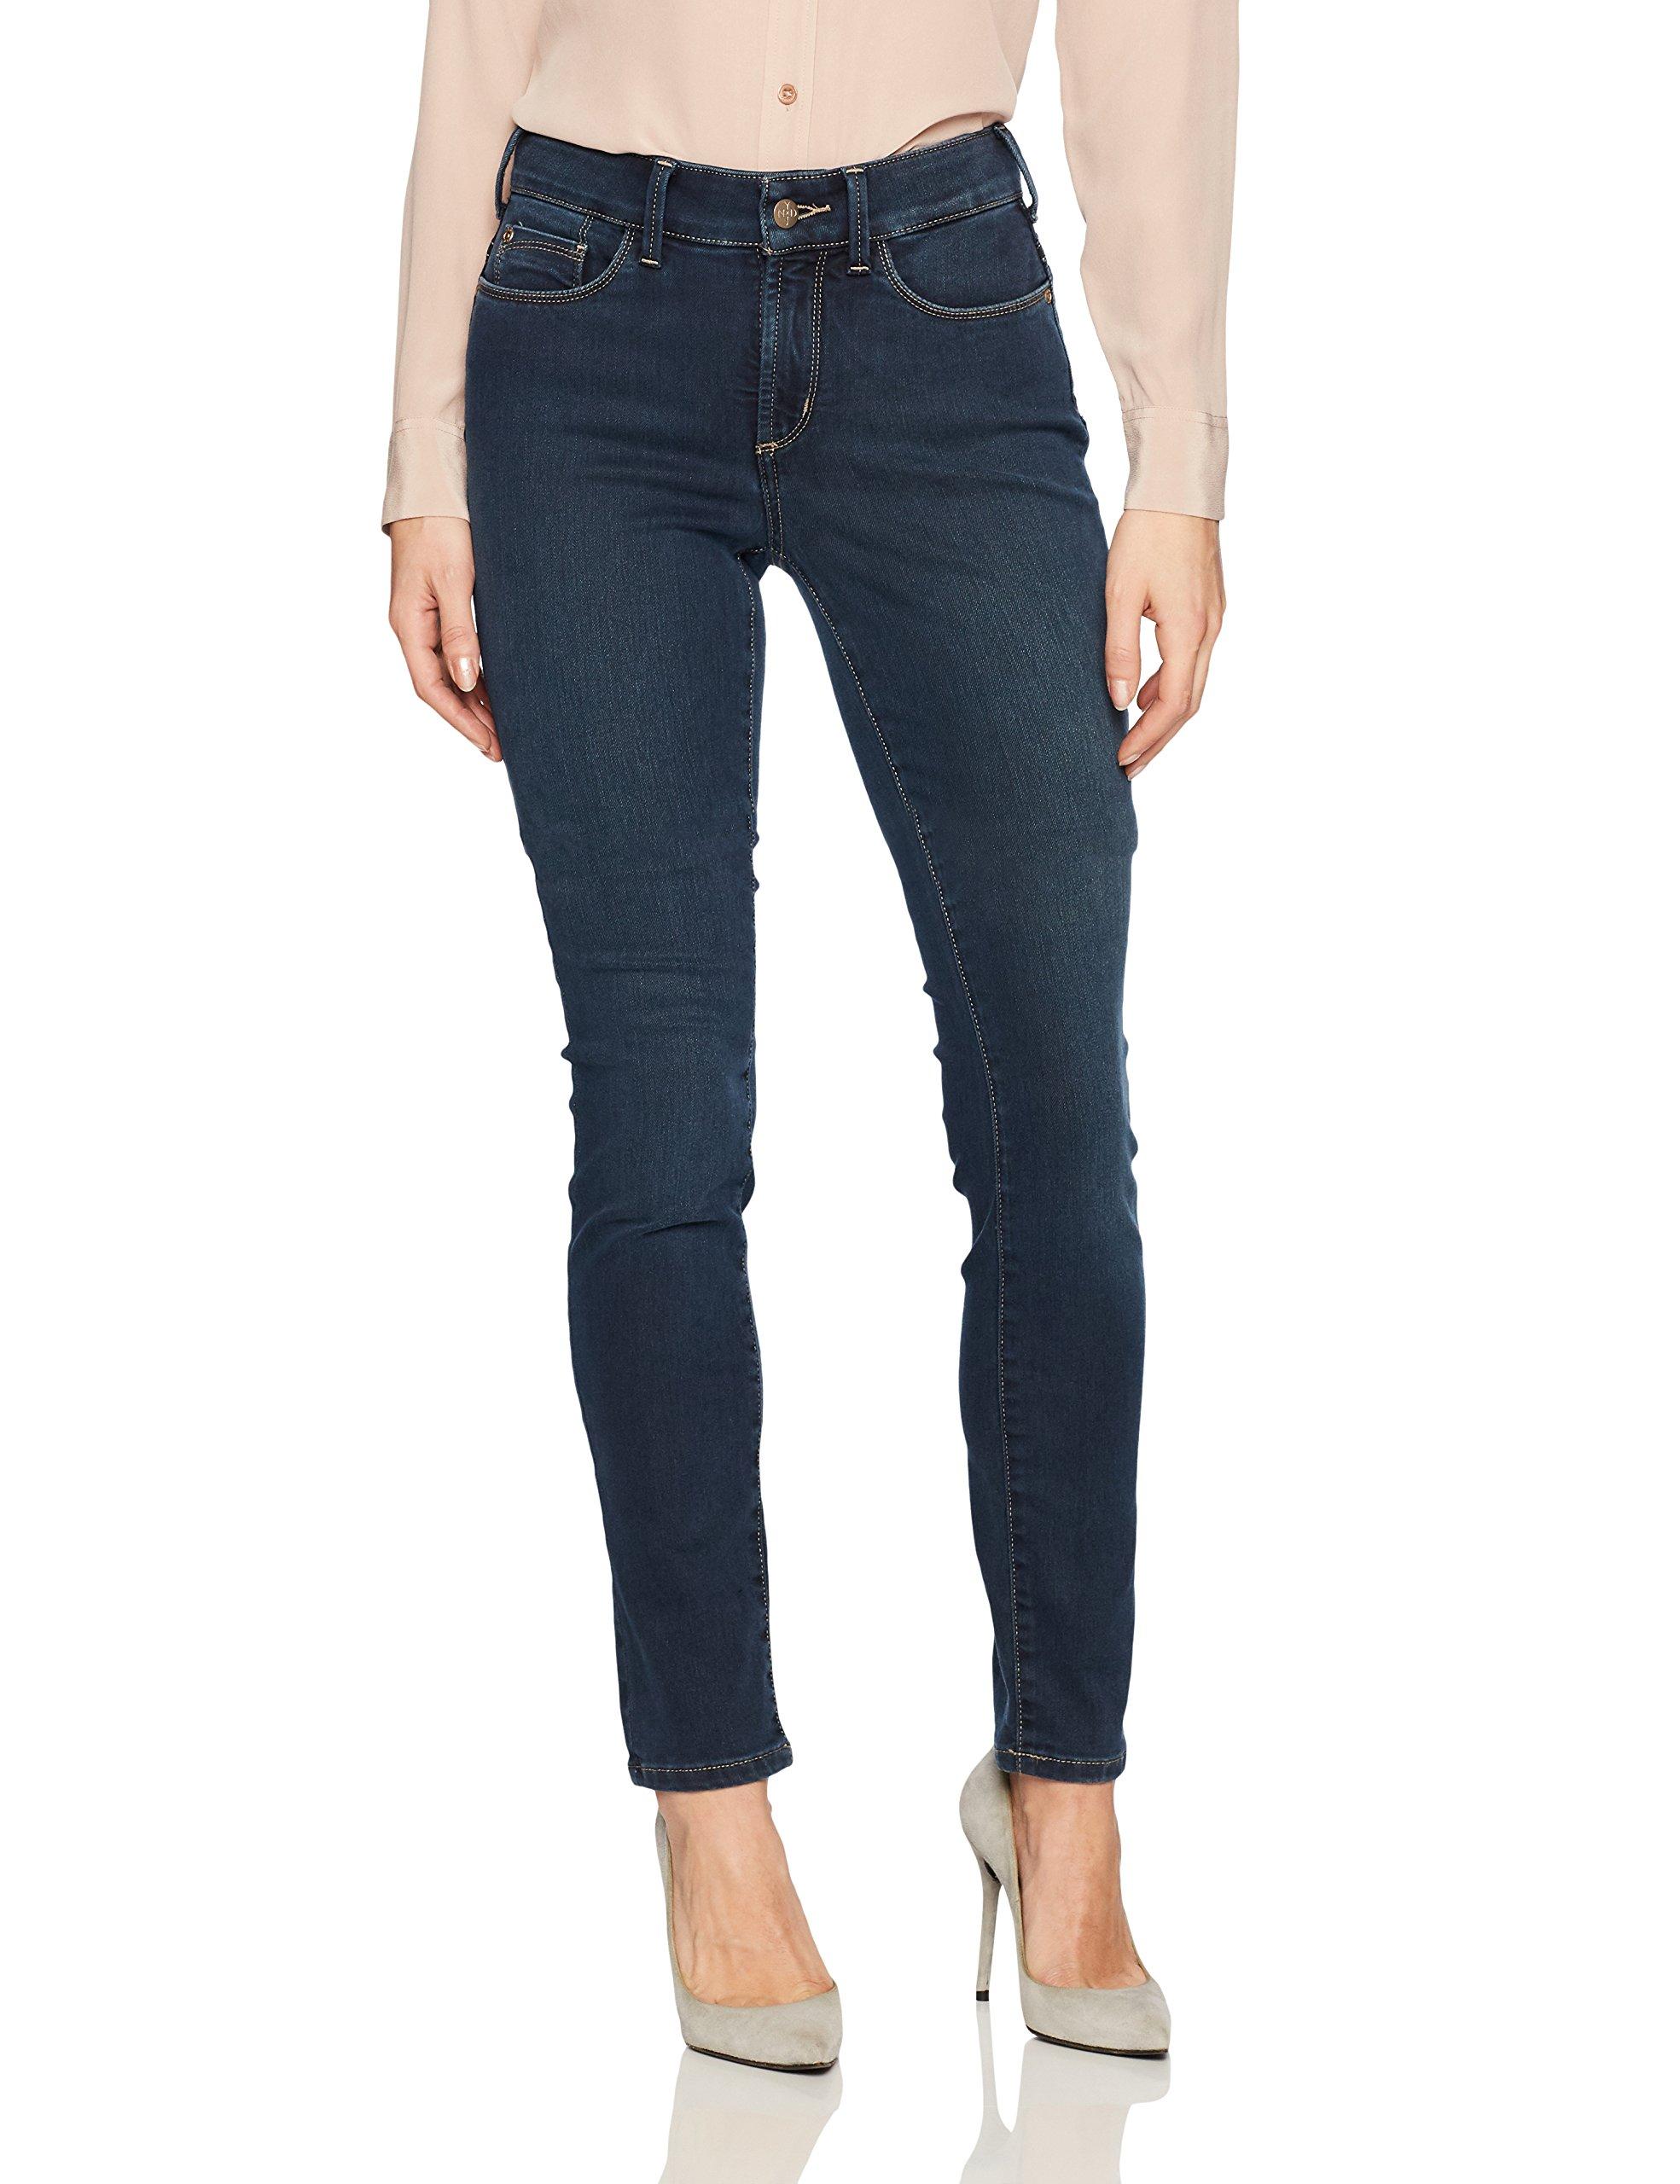 NYDJ Women's Uplift Alina Skinny Jeans in Future Fit Denim, Rome, 8